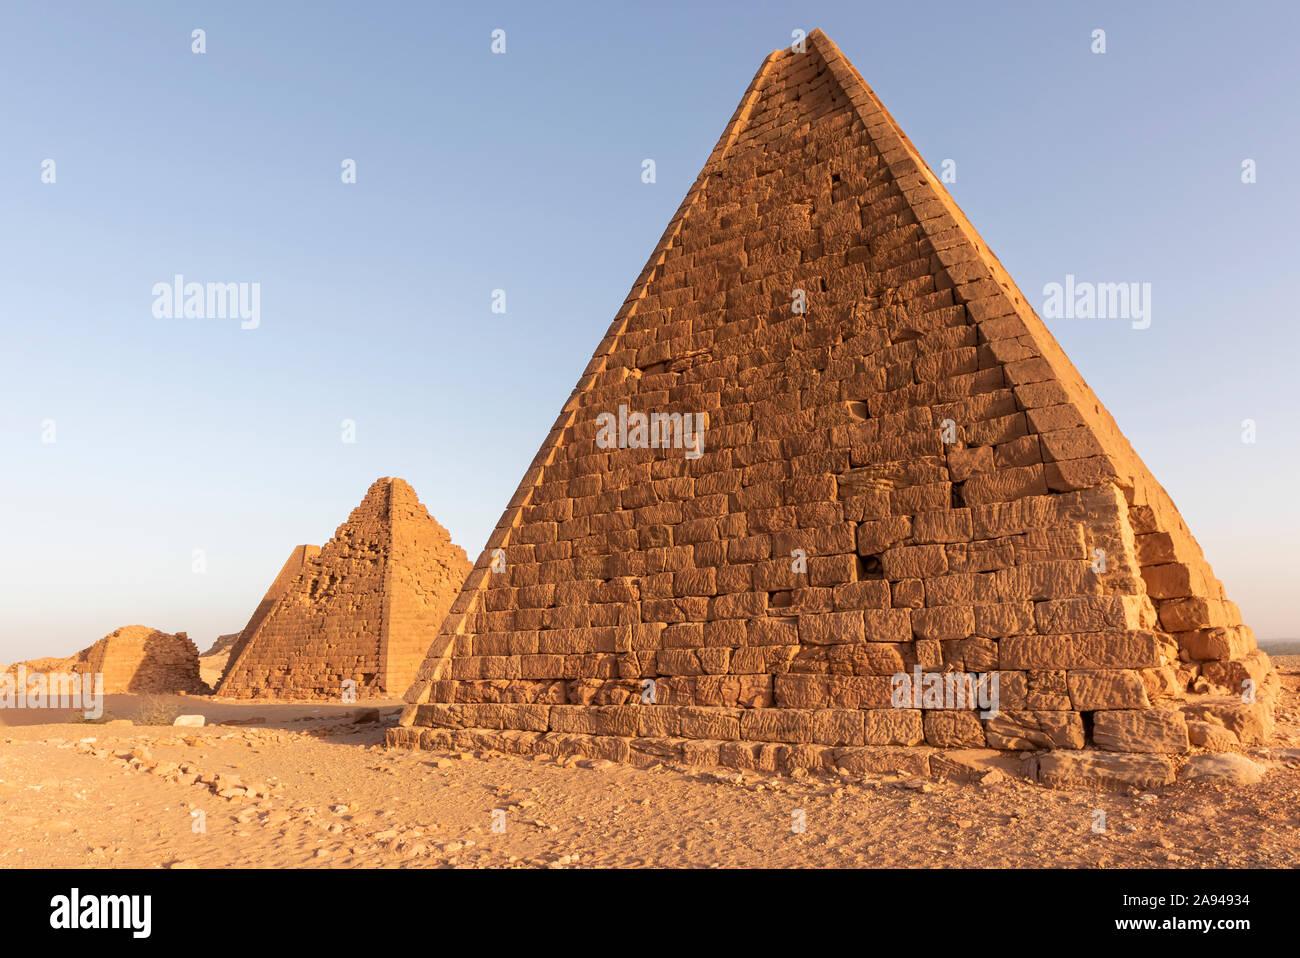 Campo de pirámides reales kushitas, Monte Jebel Barkal; Karima, Estado del Norte, Sudán Foto de stock